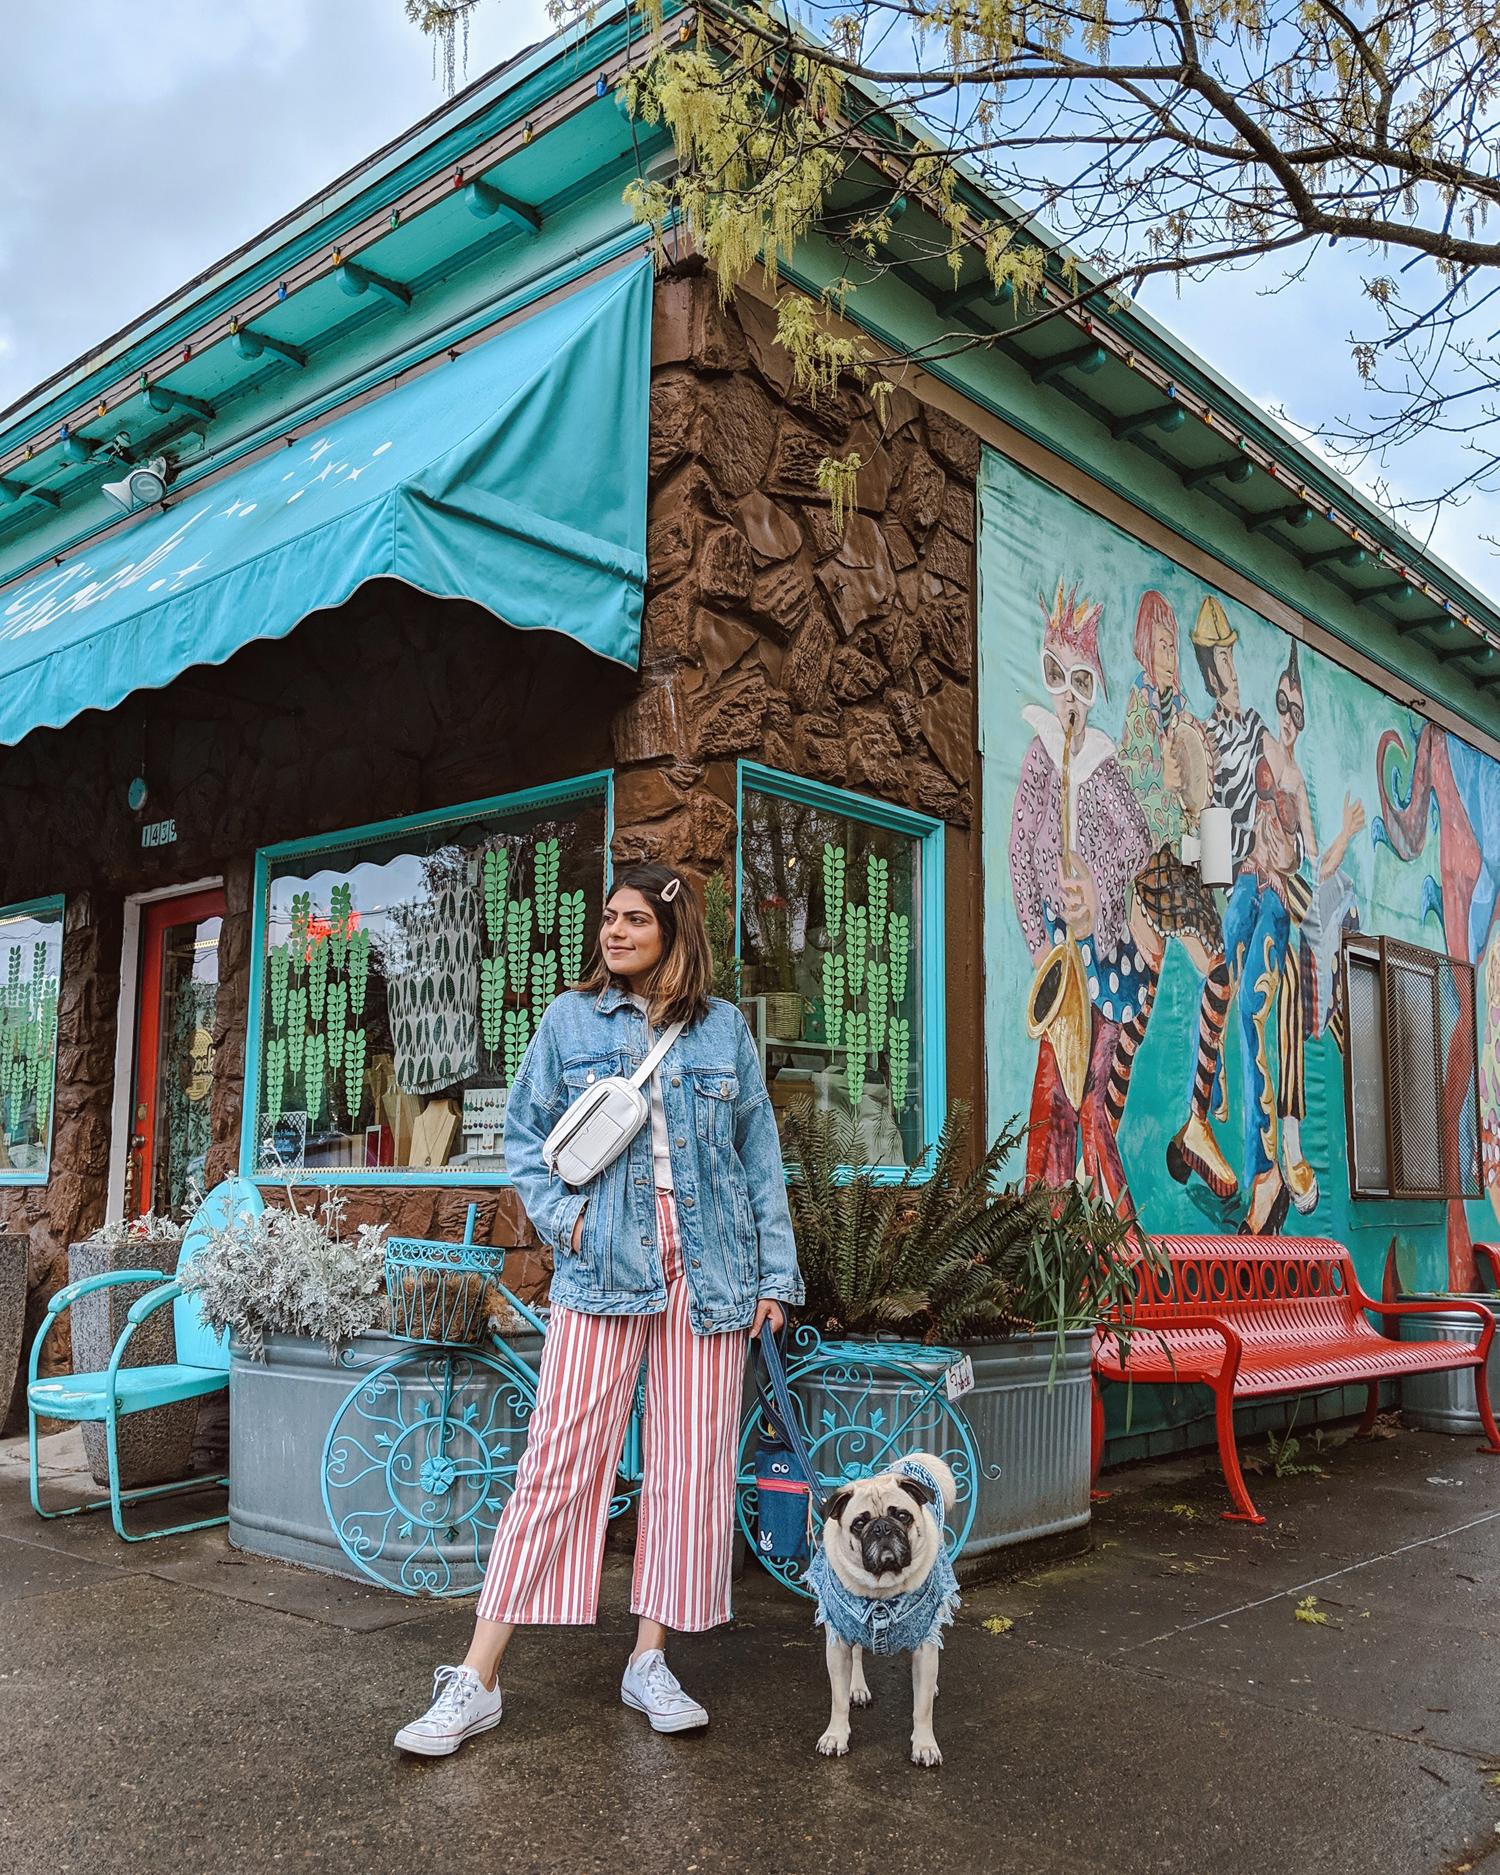 Portland-dogfriendly-travel-travelwithyourdog-woodenshoetulipfestival-2019-dogstraveling-dogblog-pug-dogmomblog-newyorkblog-visitportland3.jpg